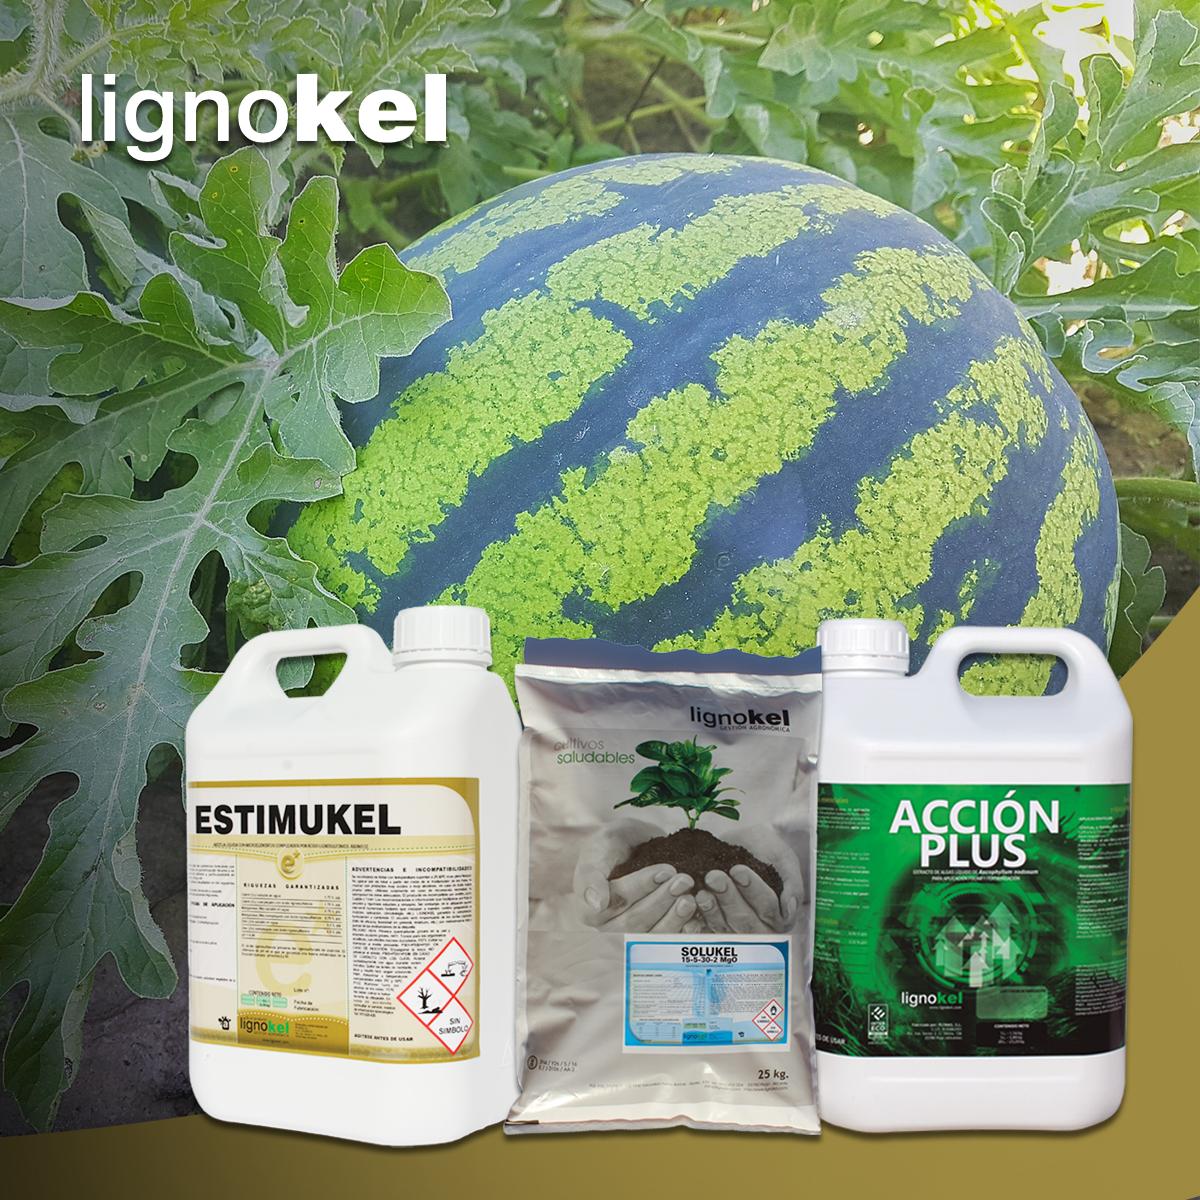 empresas de fertilizantes en españa